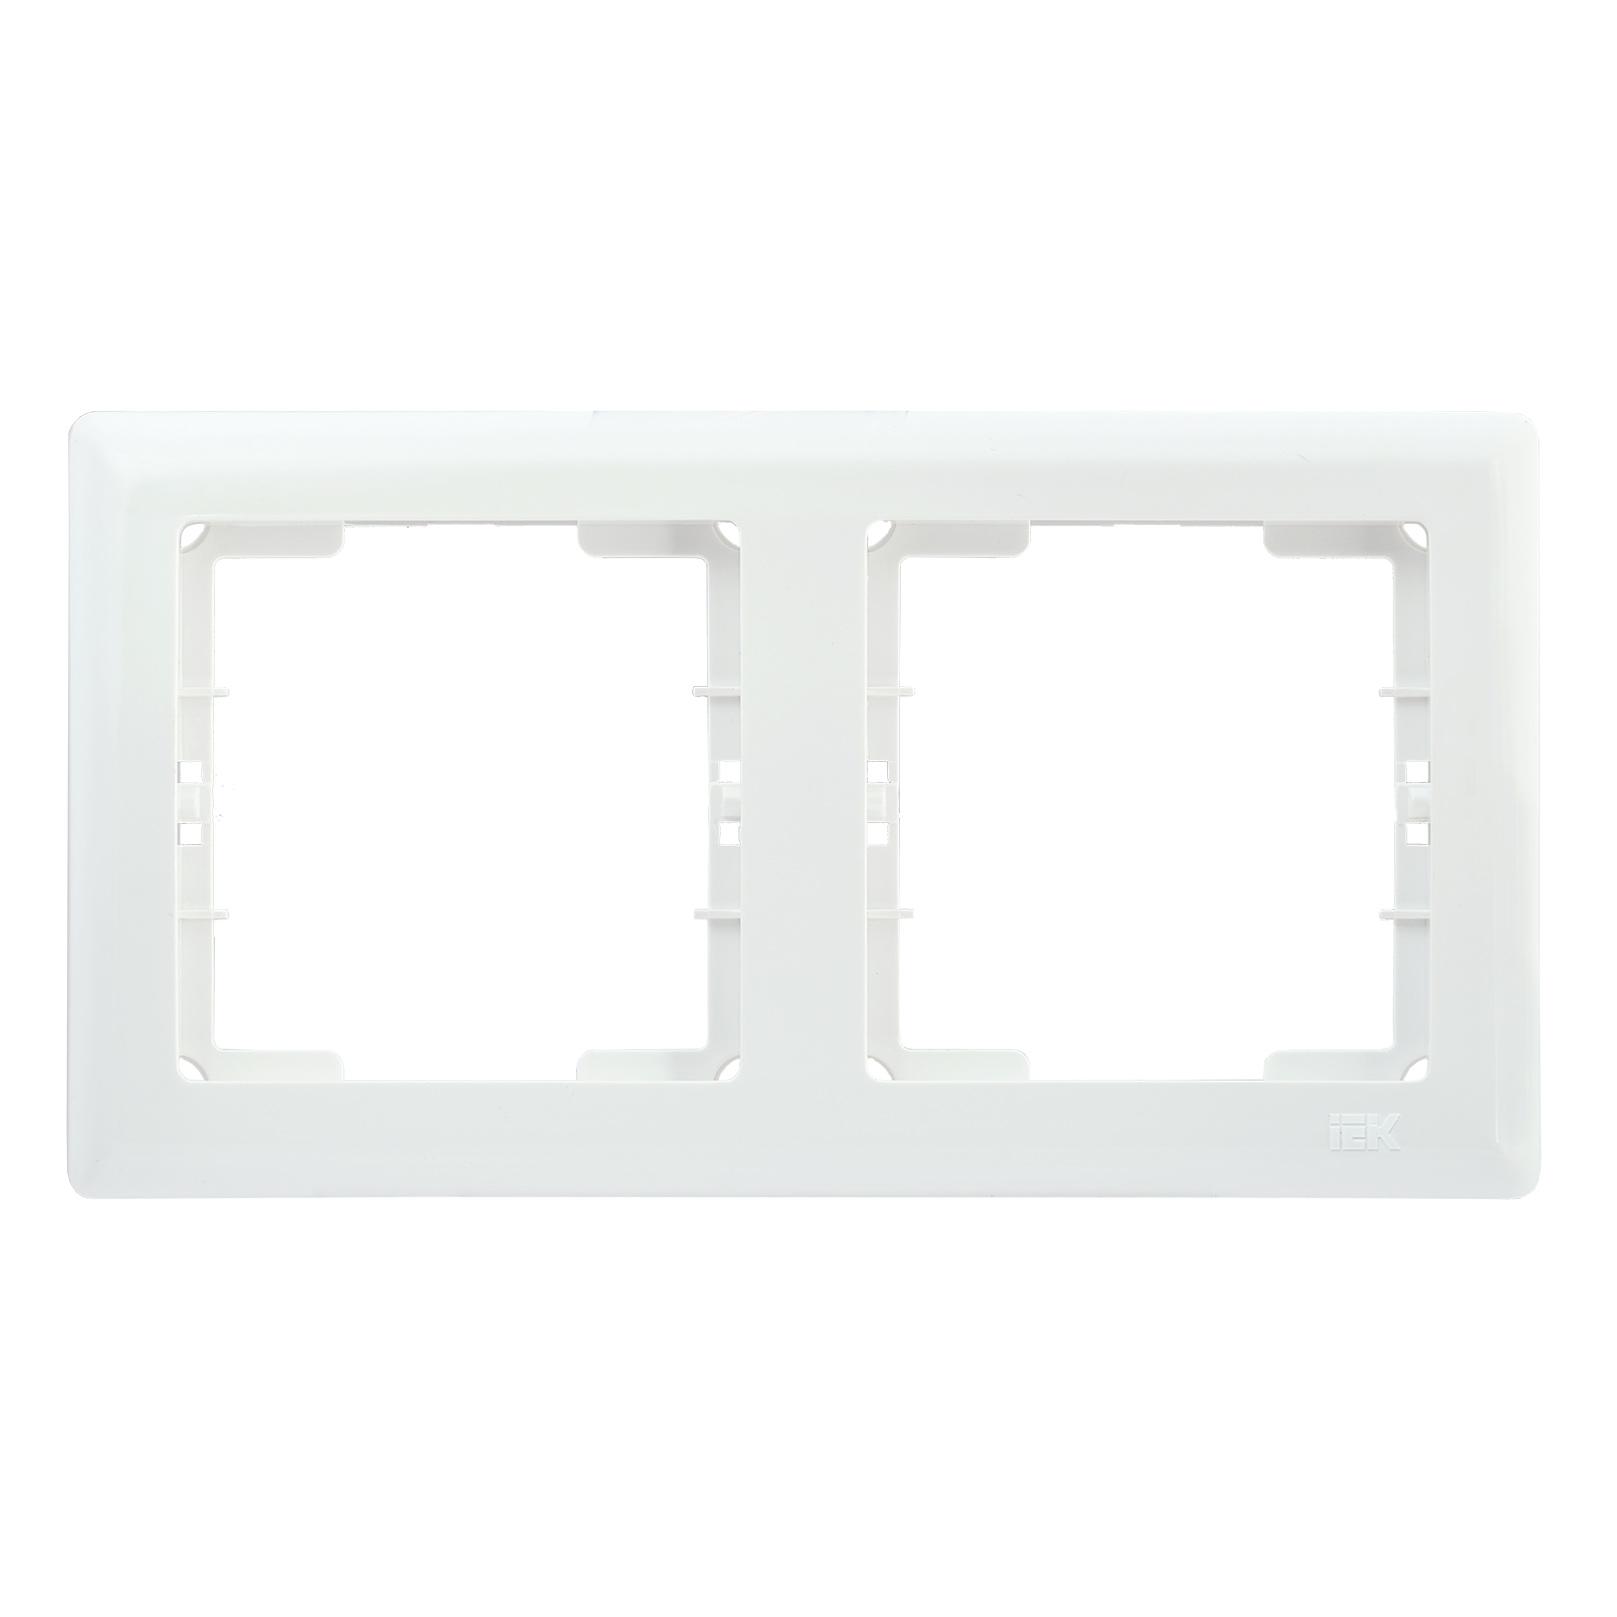 Рамка 2-местная горизонтальная РГ-2-ББ BOLERO белый IEK